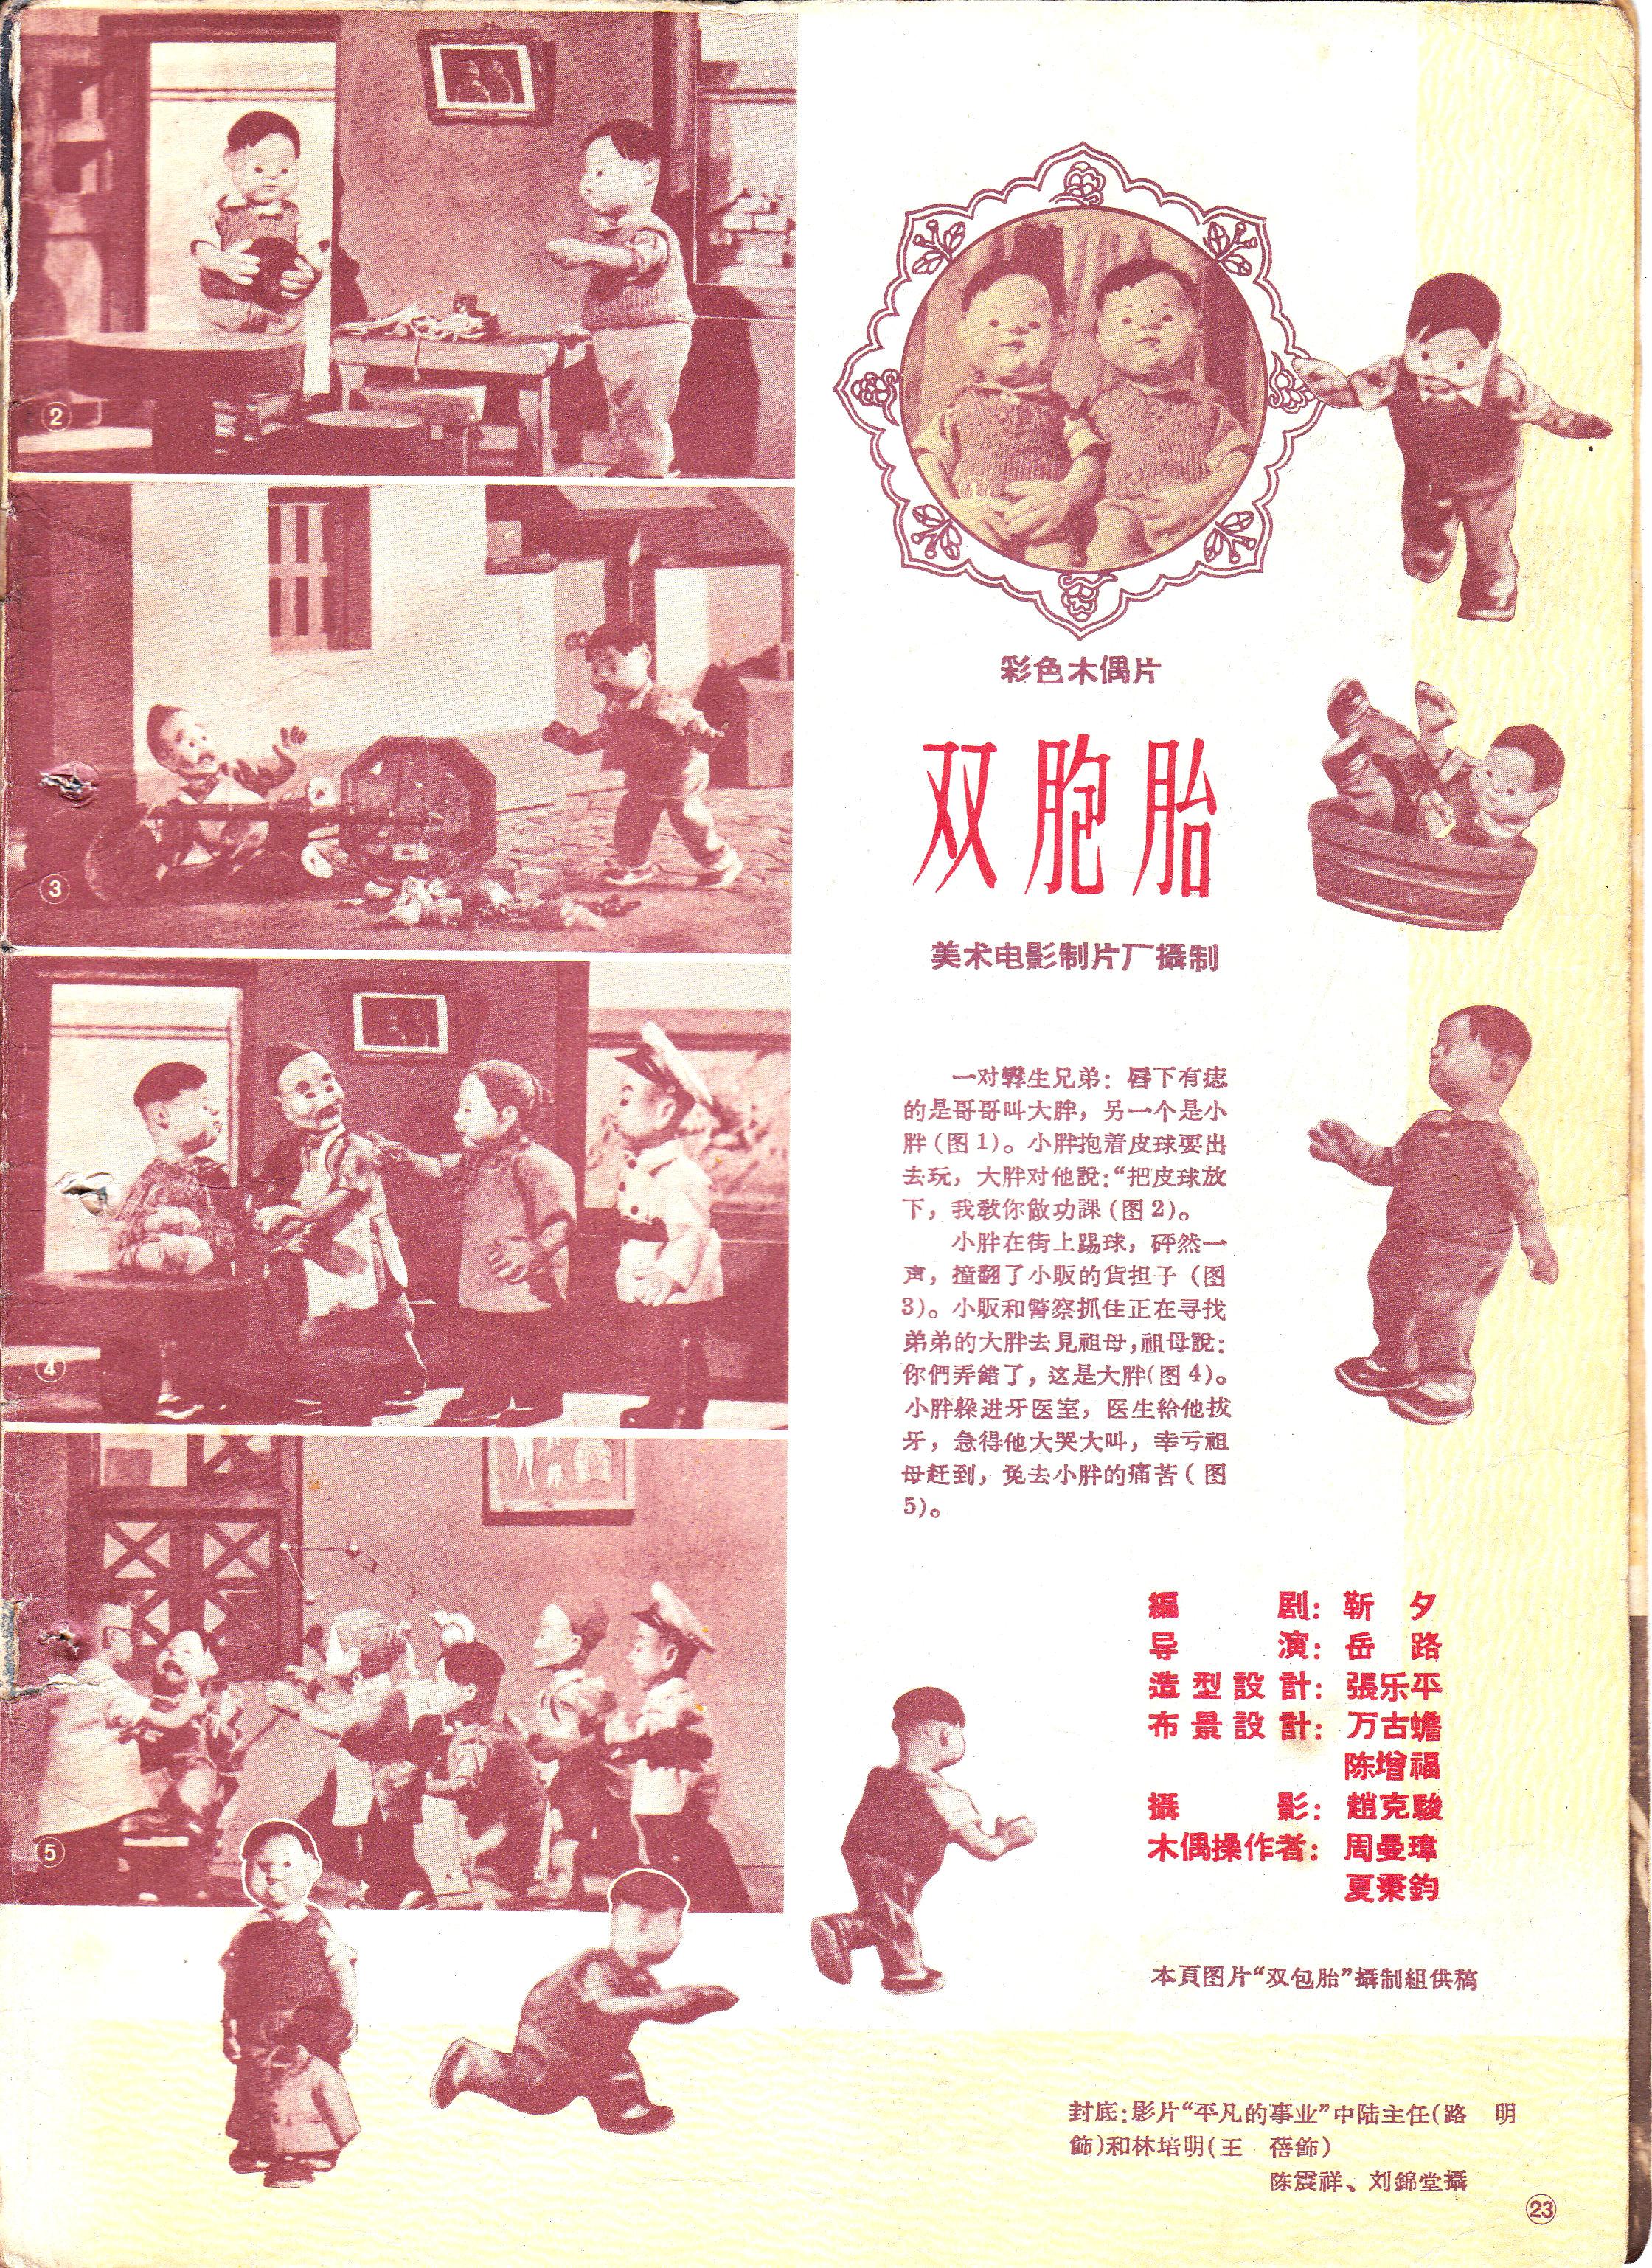 电影双胞胎剧情_双胞胎 (Shuang Bao Tai, 1957) :: 一切关于香港,中国及台湾电影